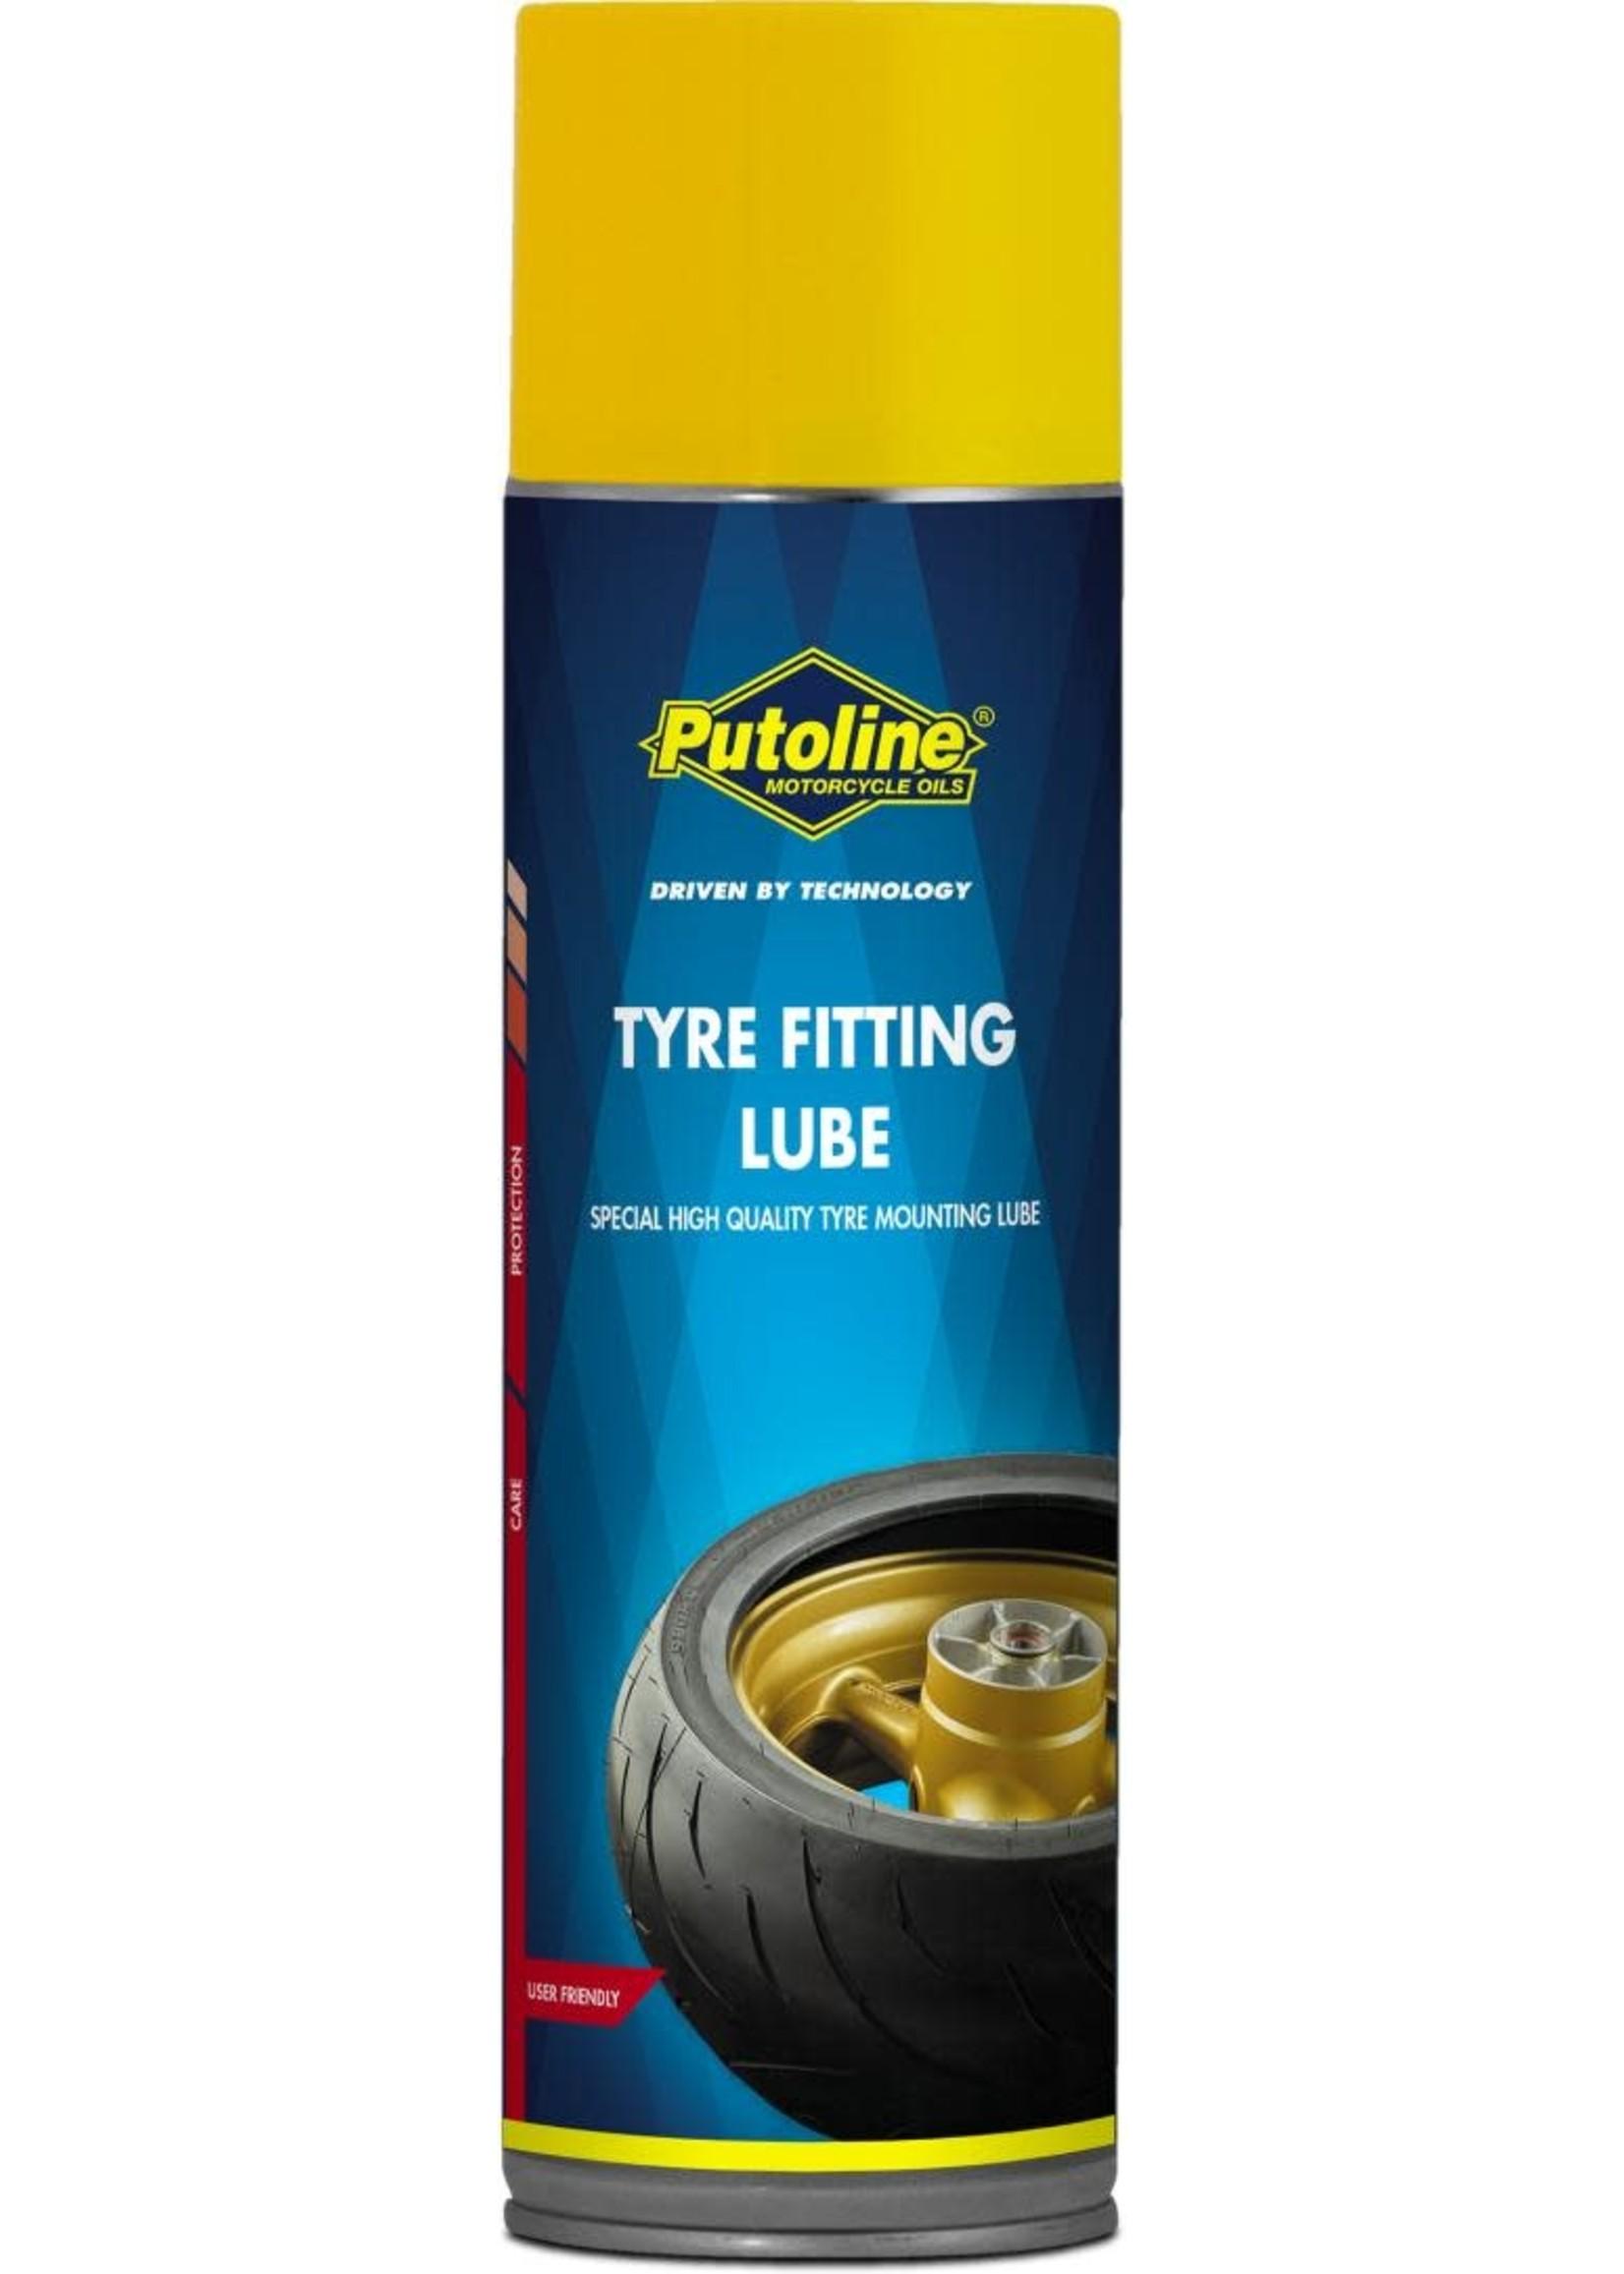 Putoline TYRE FITTING LUBE 500ML